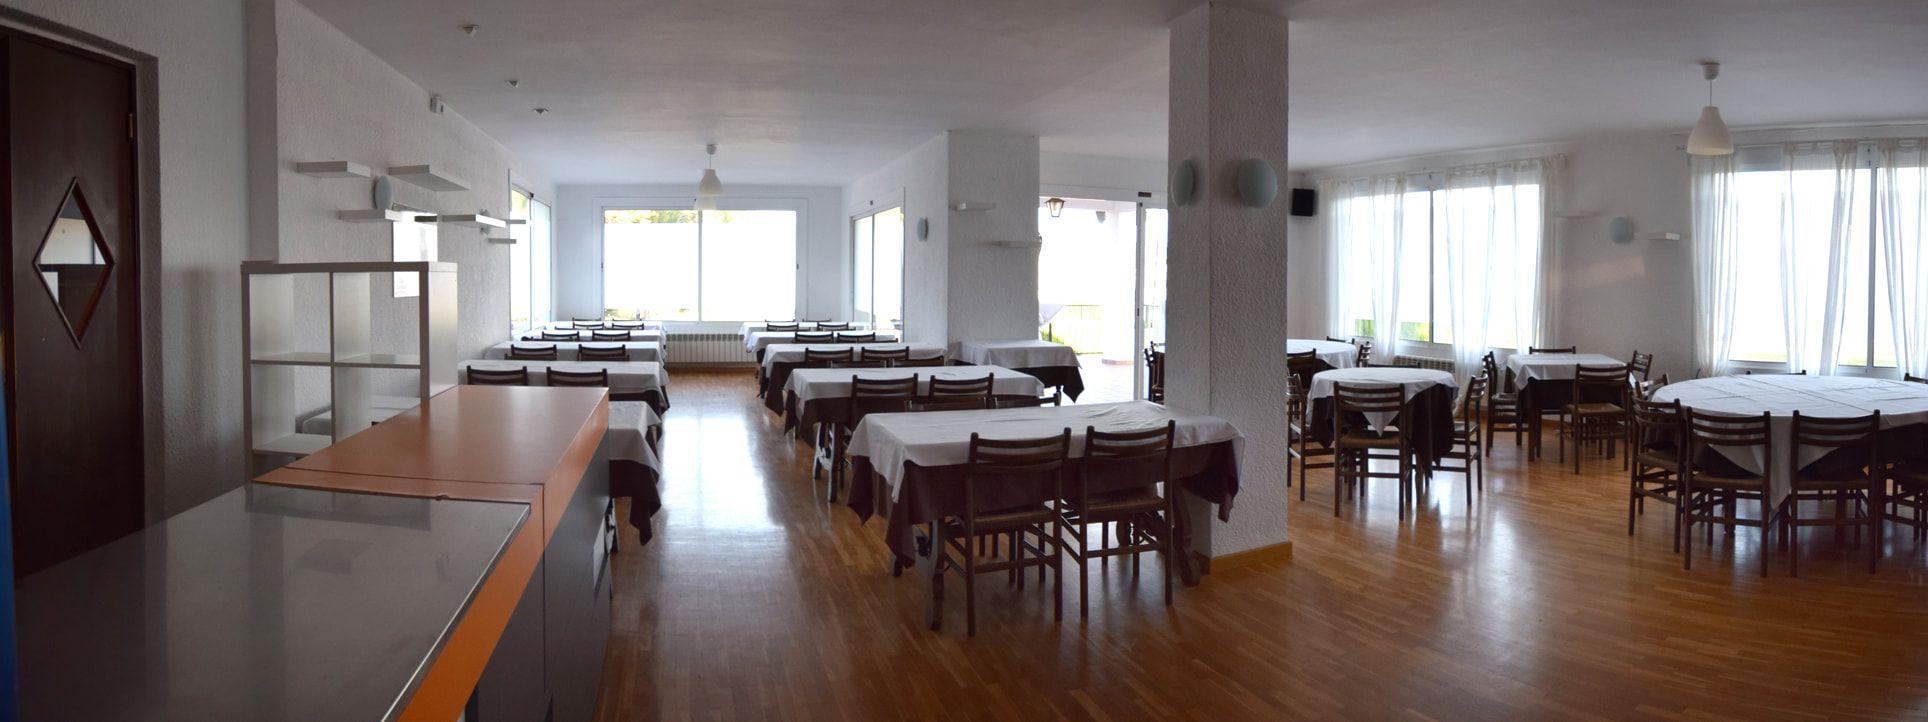 Restaurantes de cocina catalana